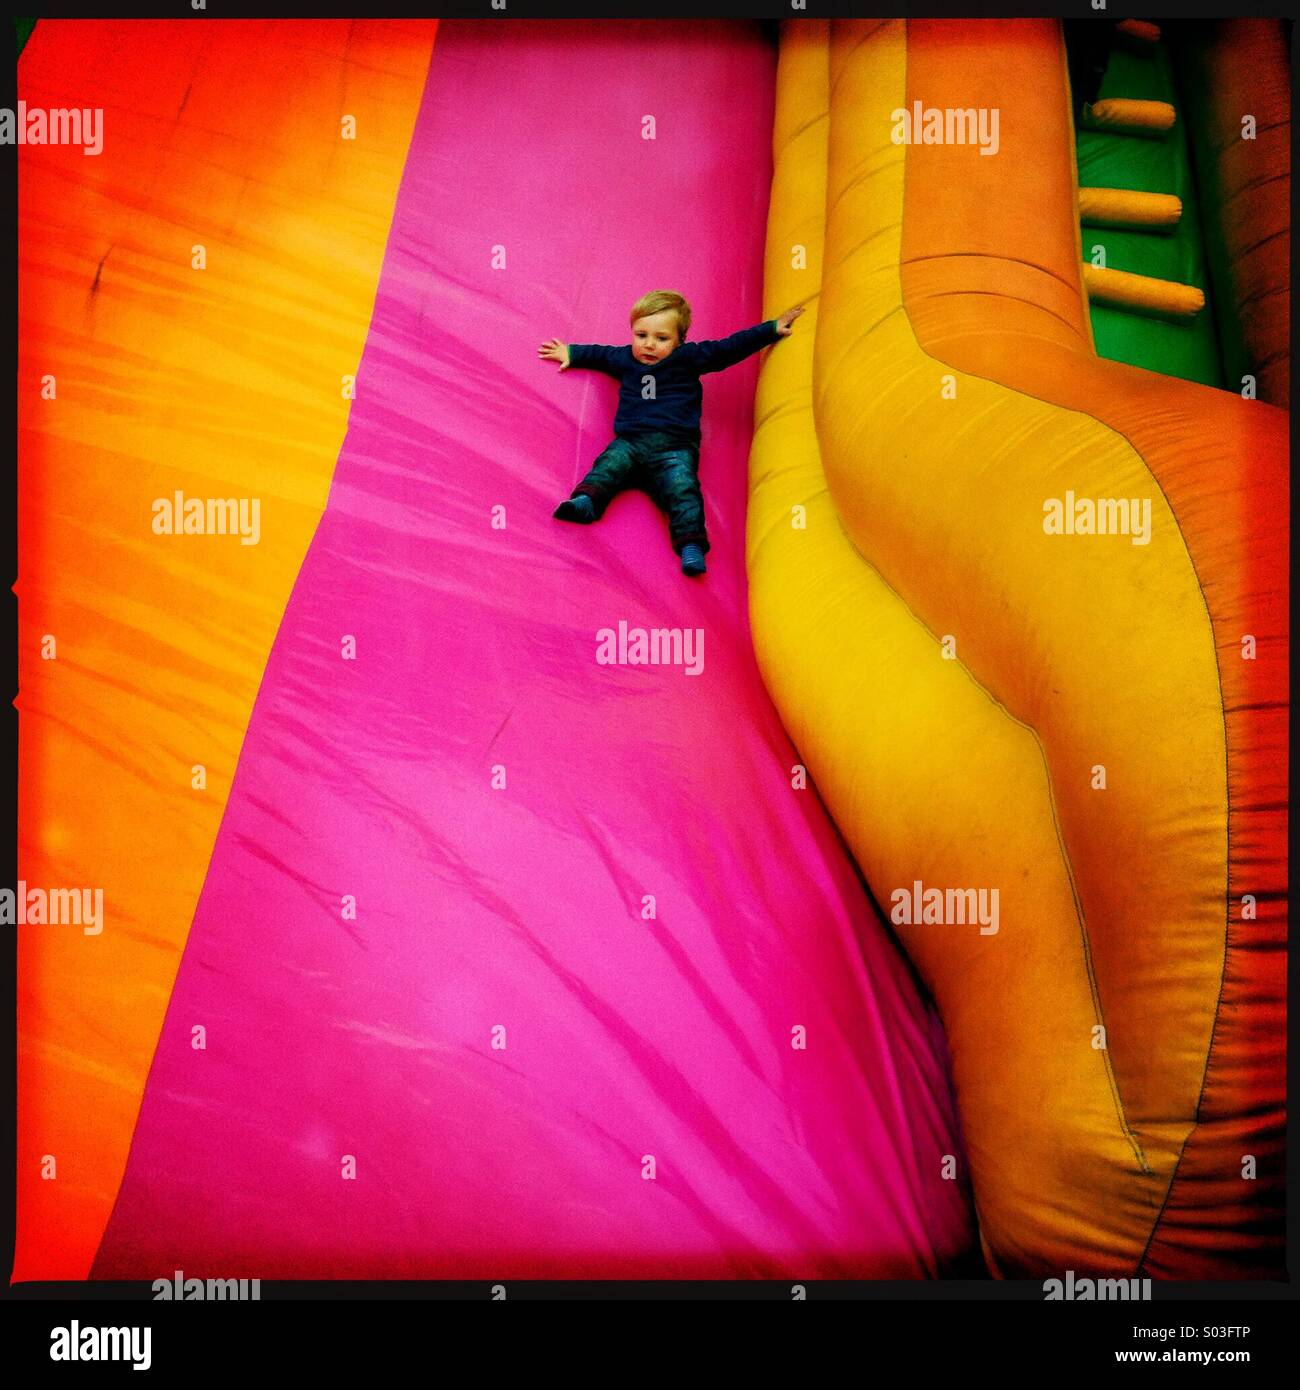 Un jeune garçon de deux ans faisant glisser vers le bas à une diapositive gonflable but fun fair. L'enfant Photo Stock